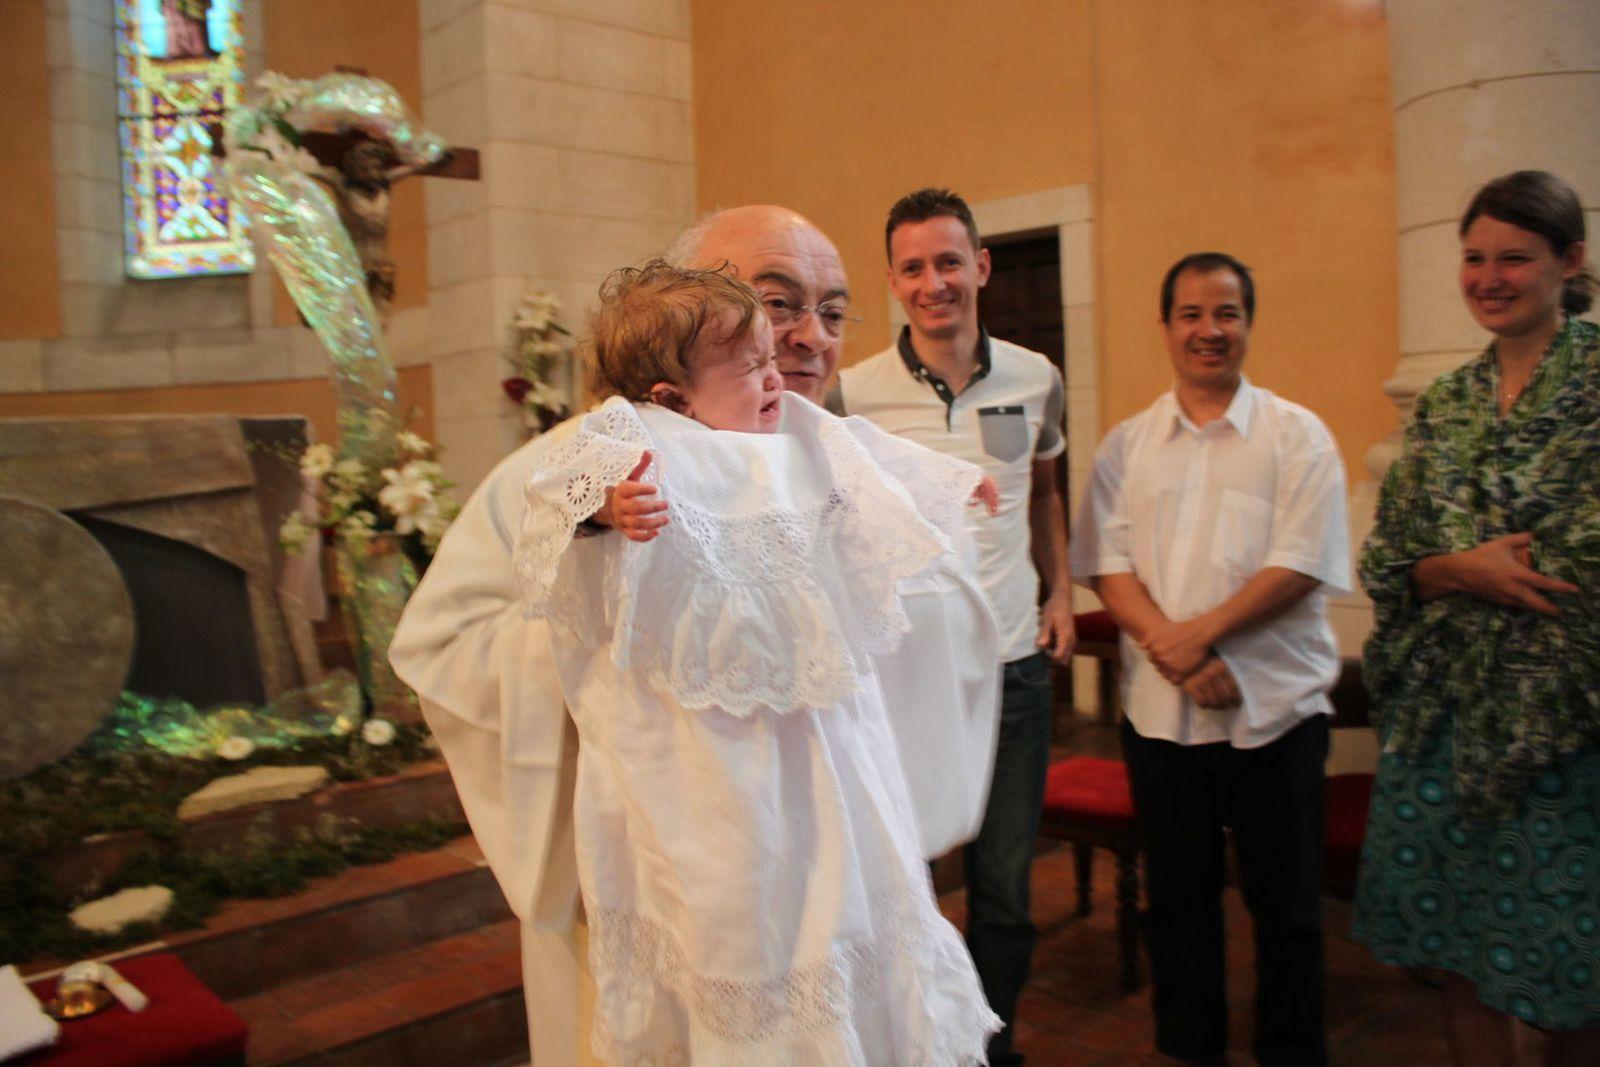 Le baptême de Madonie à Dax - 23 avril 2017